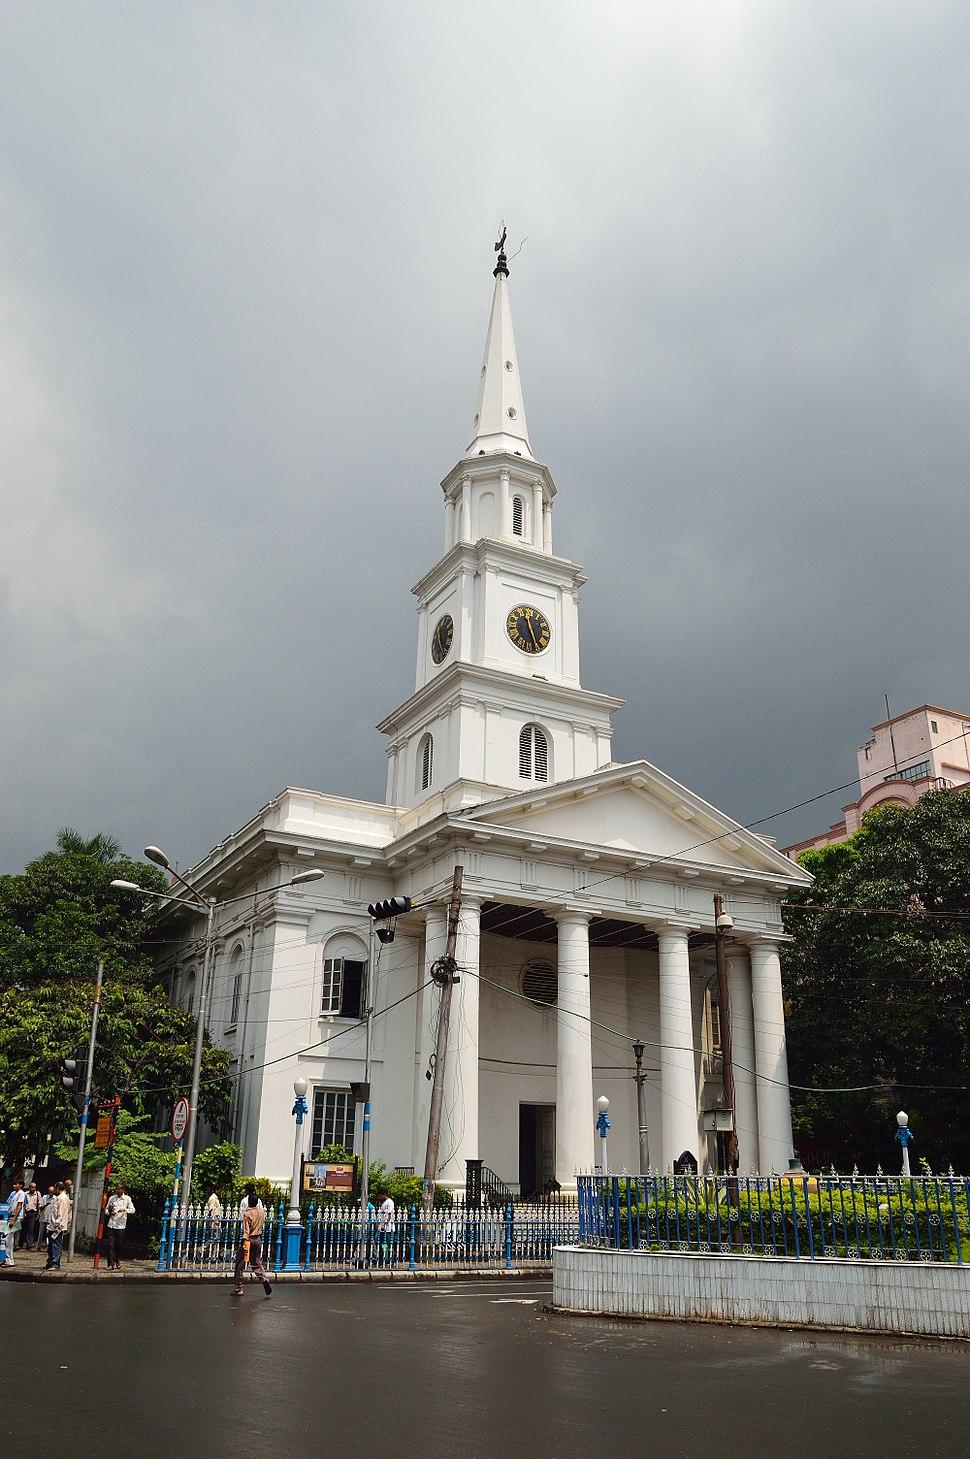 St Andrew's Church - Dalhousie Square - Kolkata 2012-09-22 0281